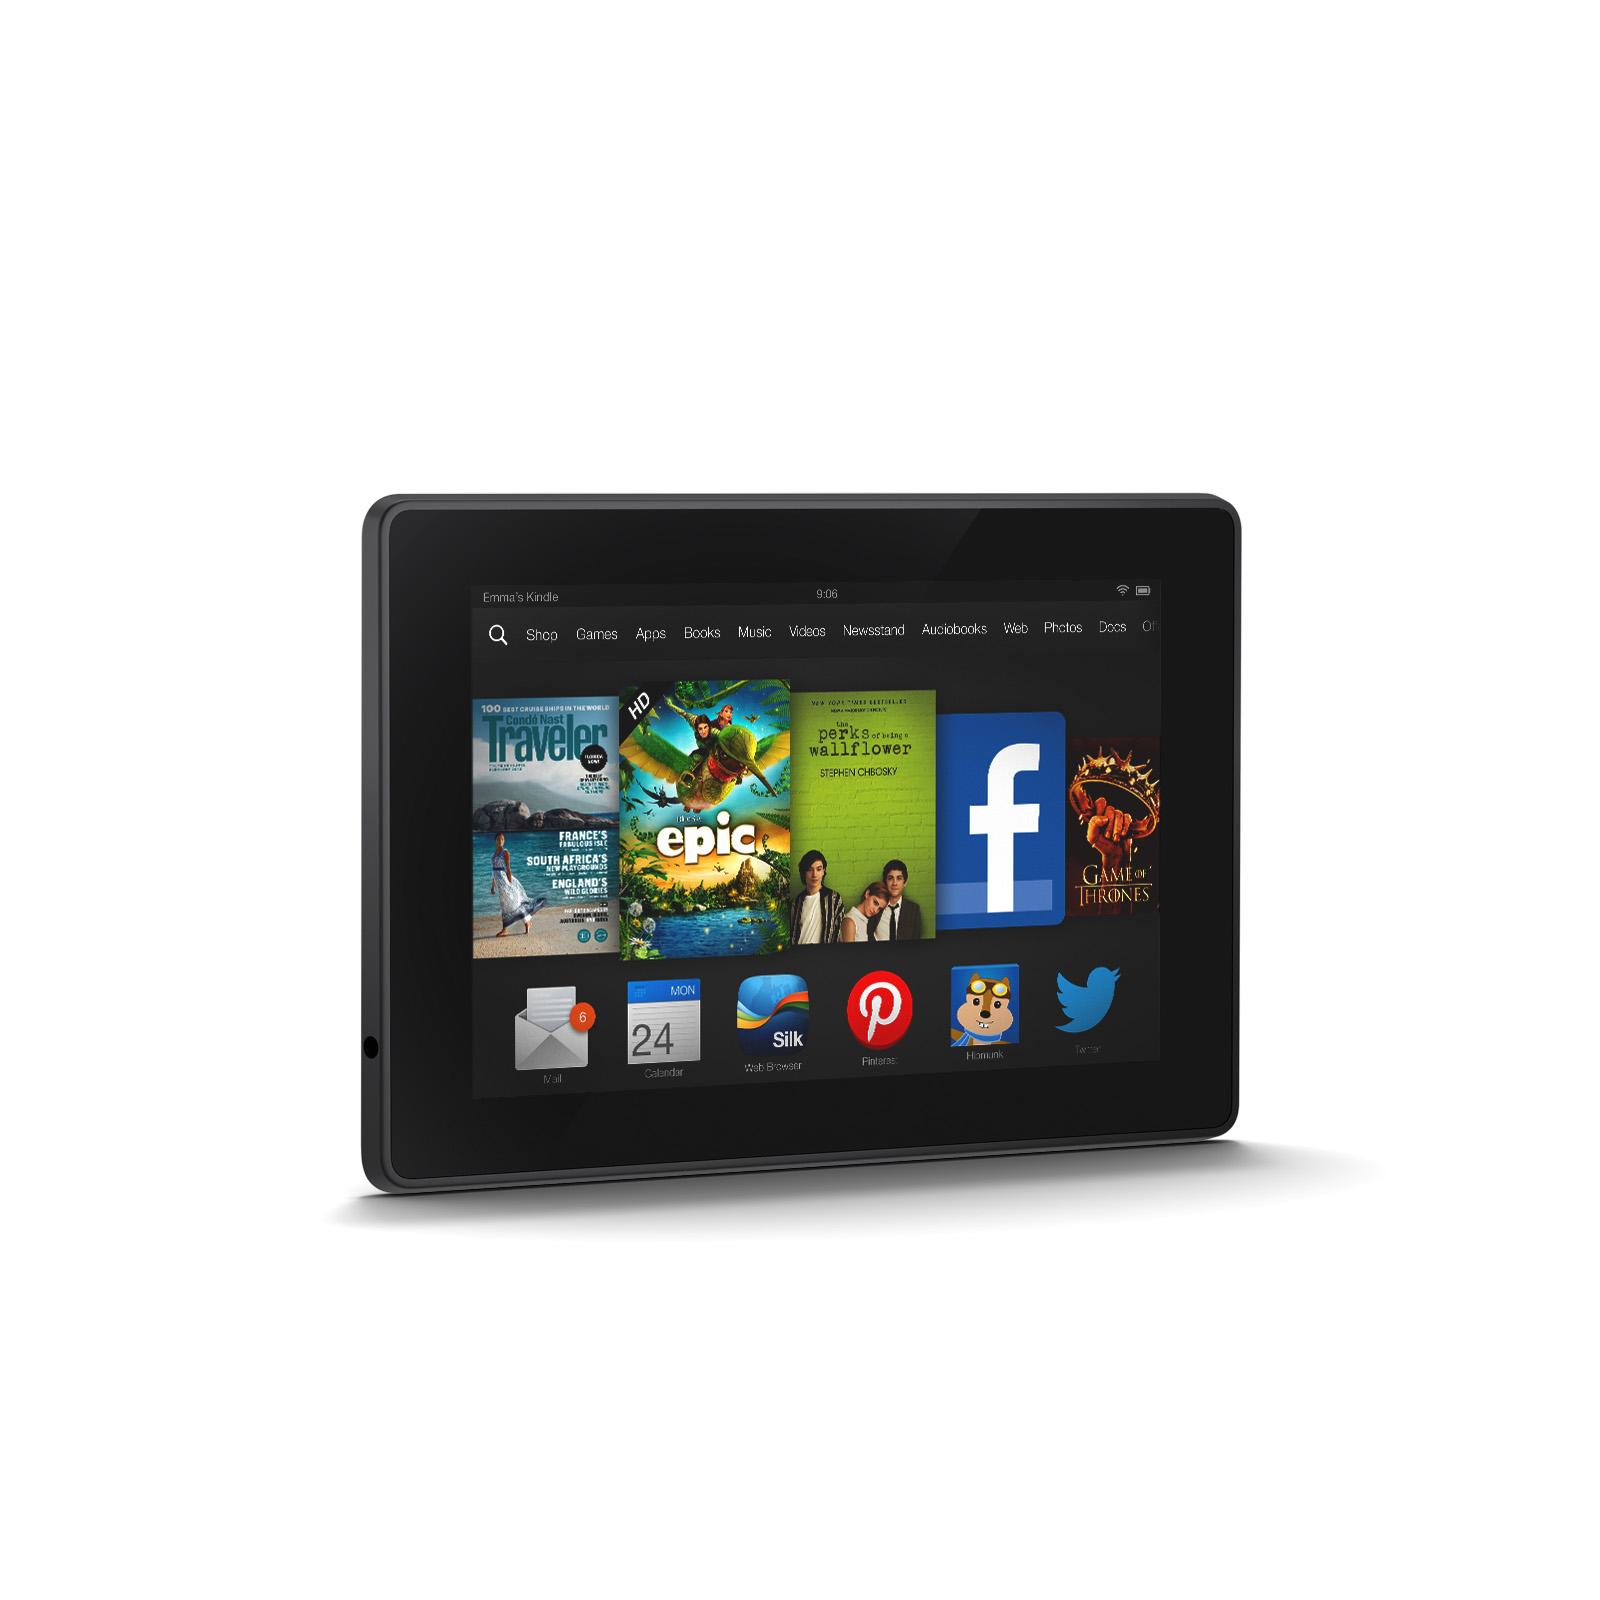 AMAZON Kindle Fire HD 7 in. - 8GB